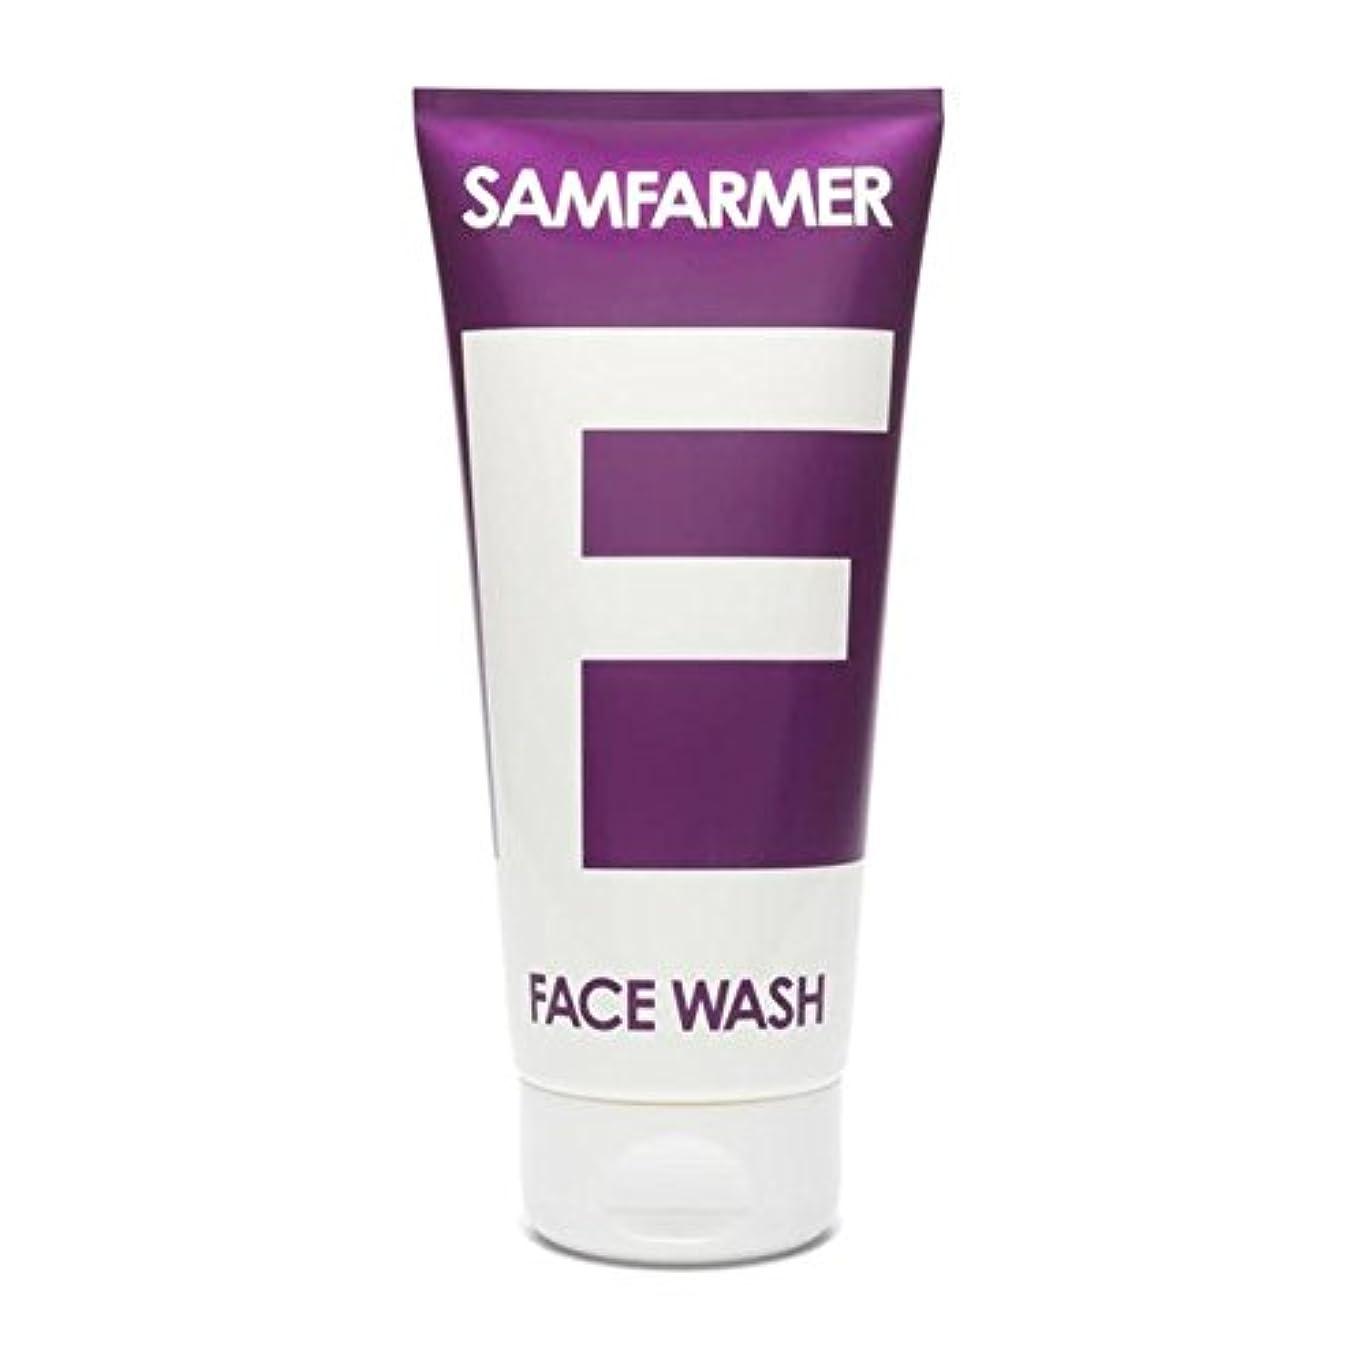 組植物の吸い込むユニセックスフェイスウォッシュ200ミリリットル x2 - SAMFARMER Unisex Face Wash 200ml (Pack of 2) [並行輸入品]